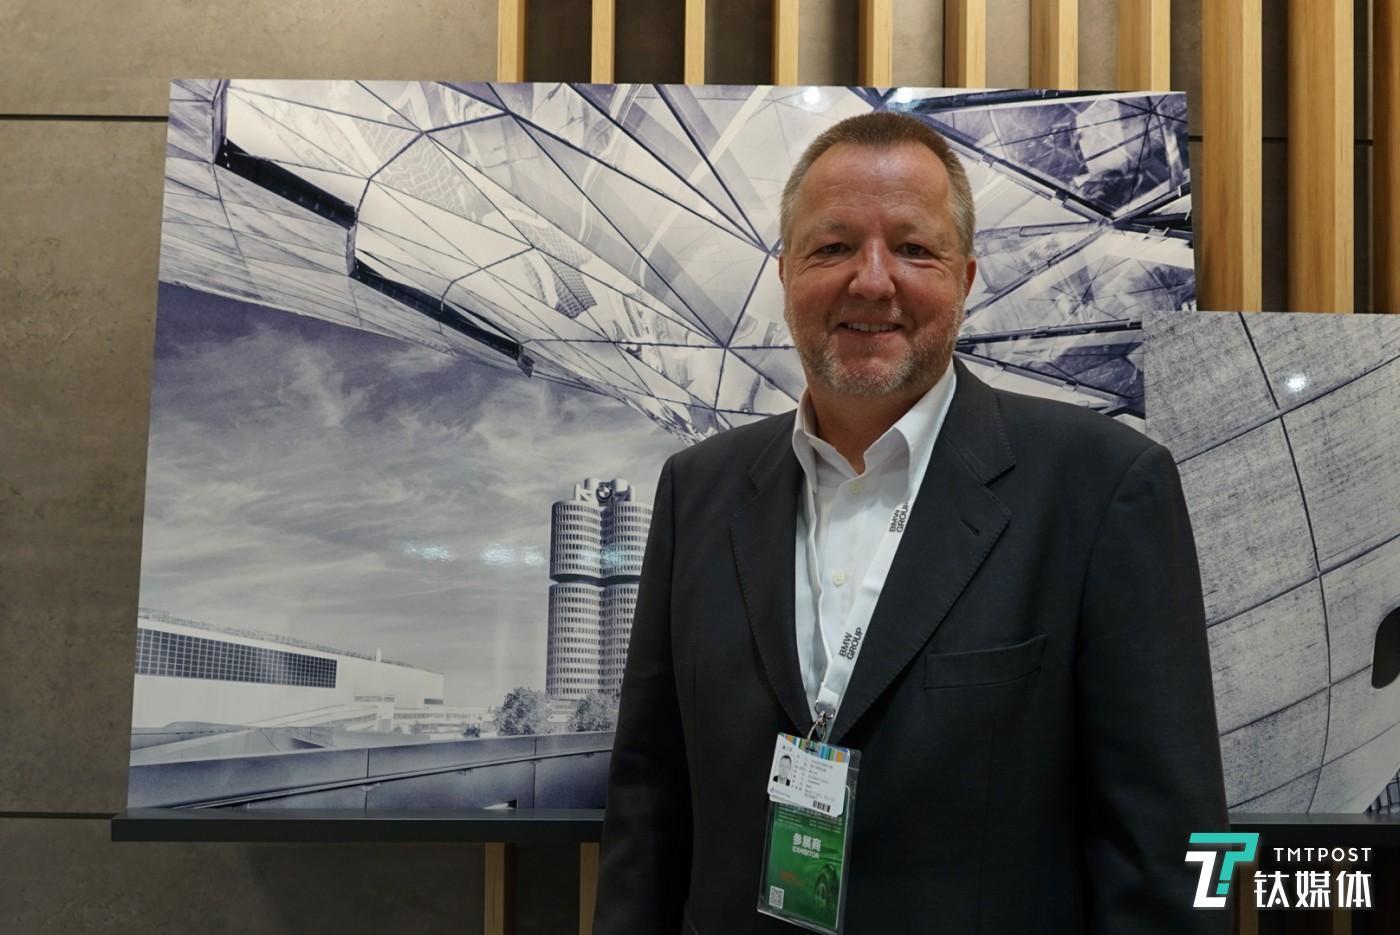 宝马人工智能高级副总裁 Reinhard Stolle